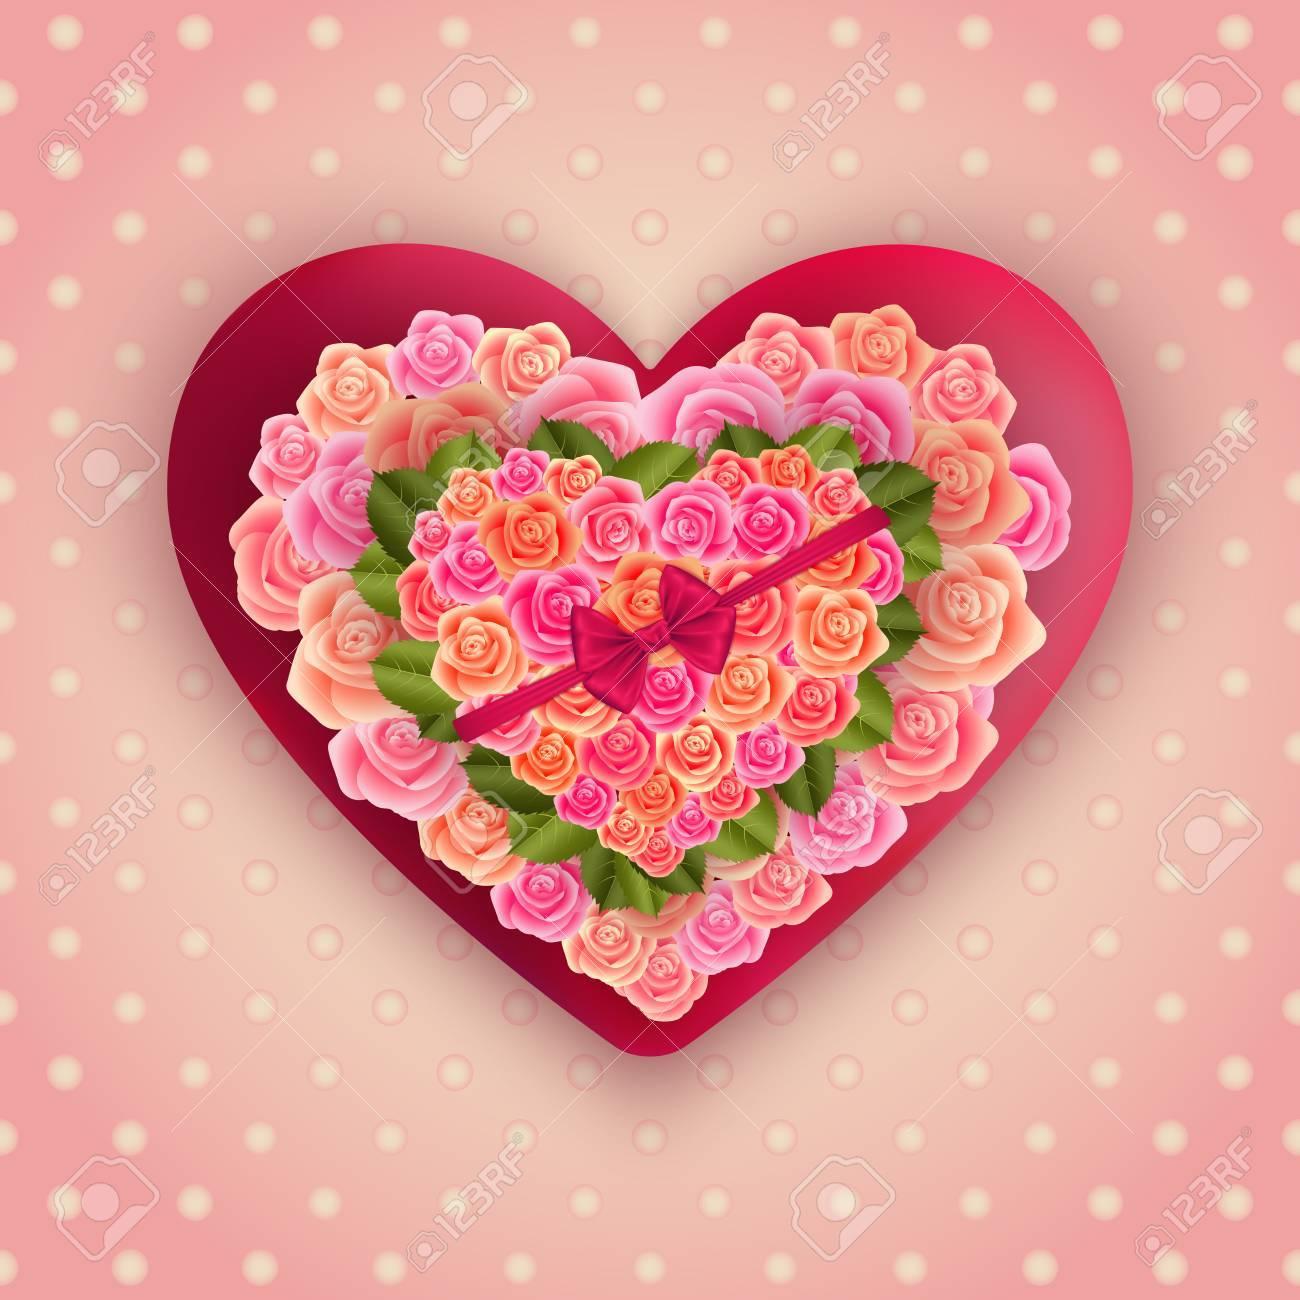 Ausgezeichnet Sie Regel Valentinstag Vorlage Ideen ...